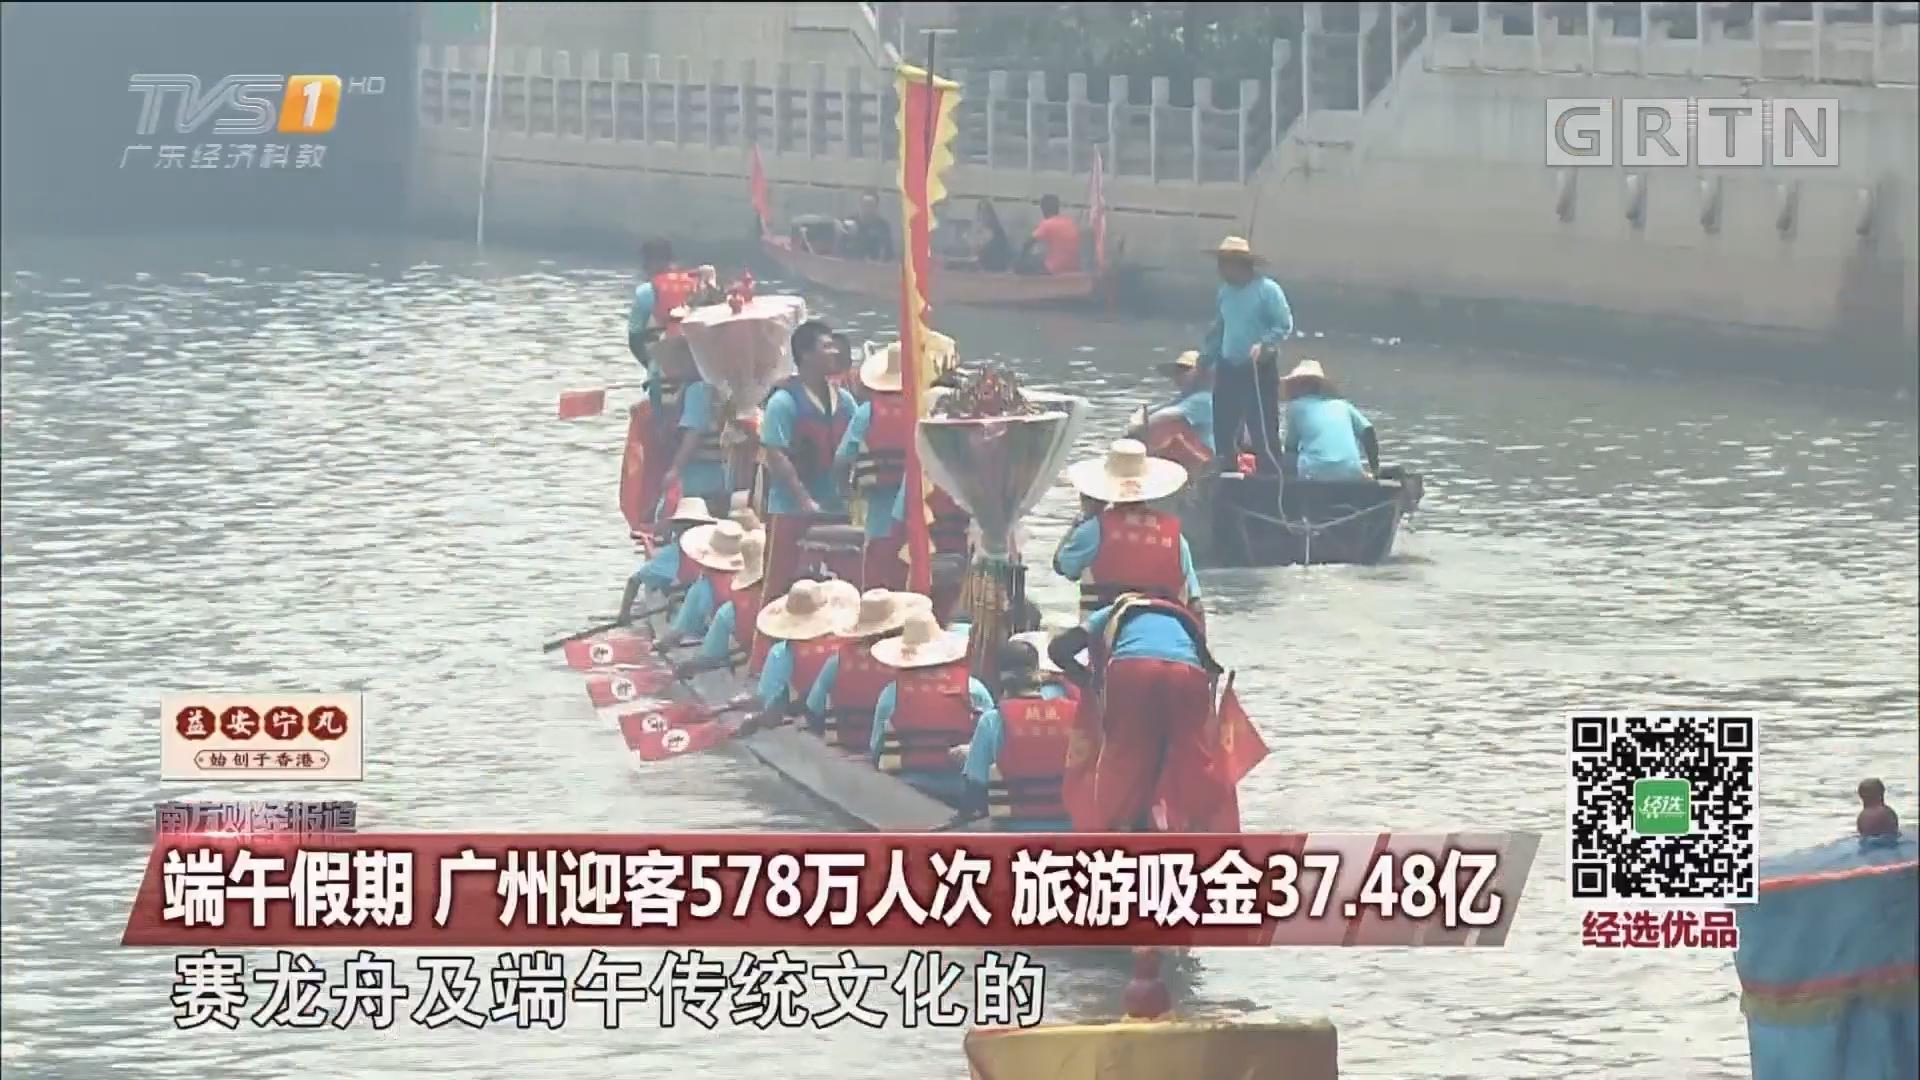 端午假期 广州迎客578万人次 旅游吸金37.48亿